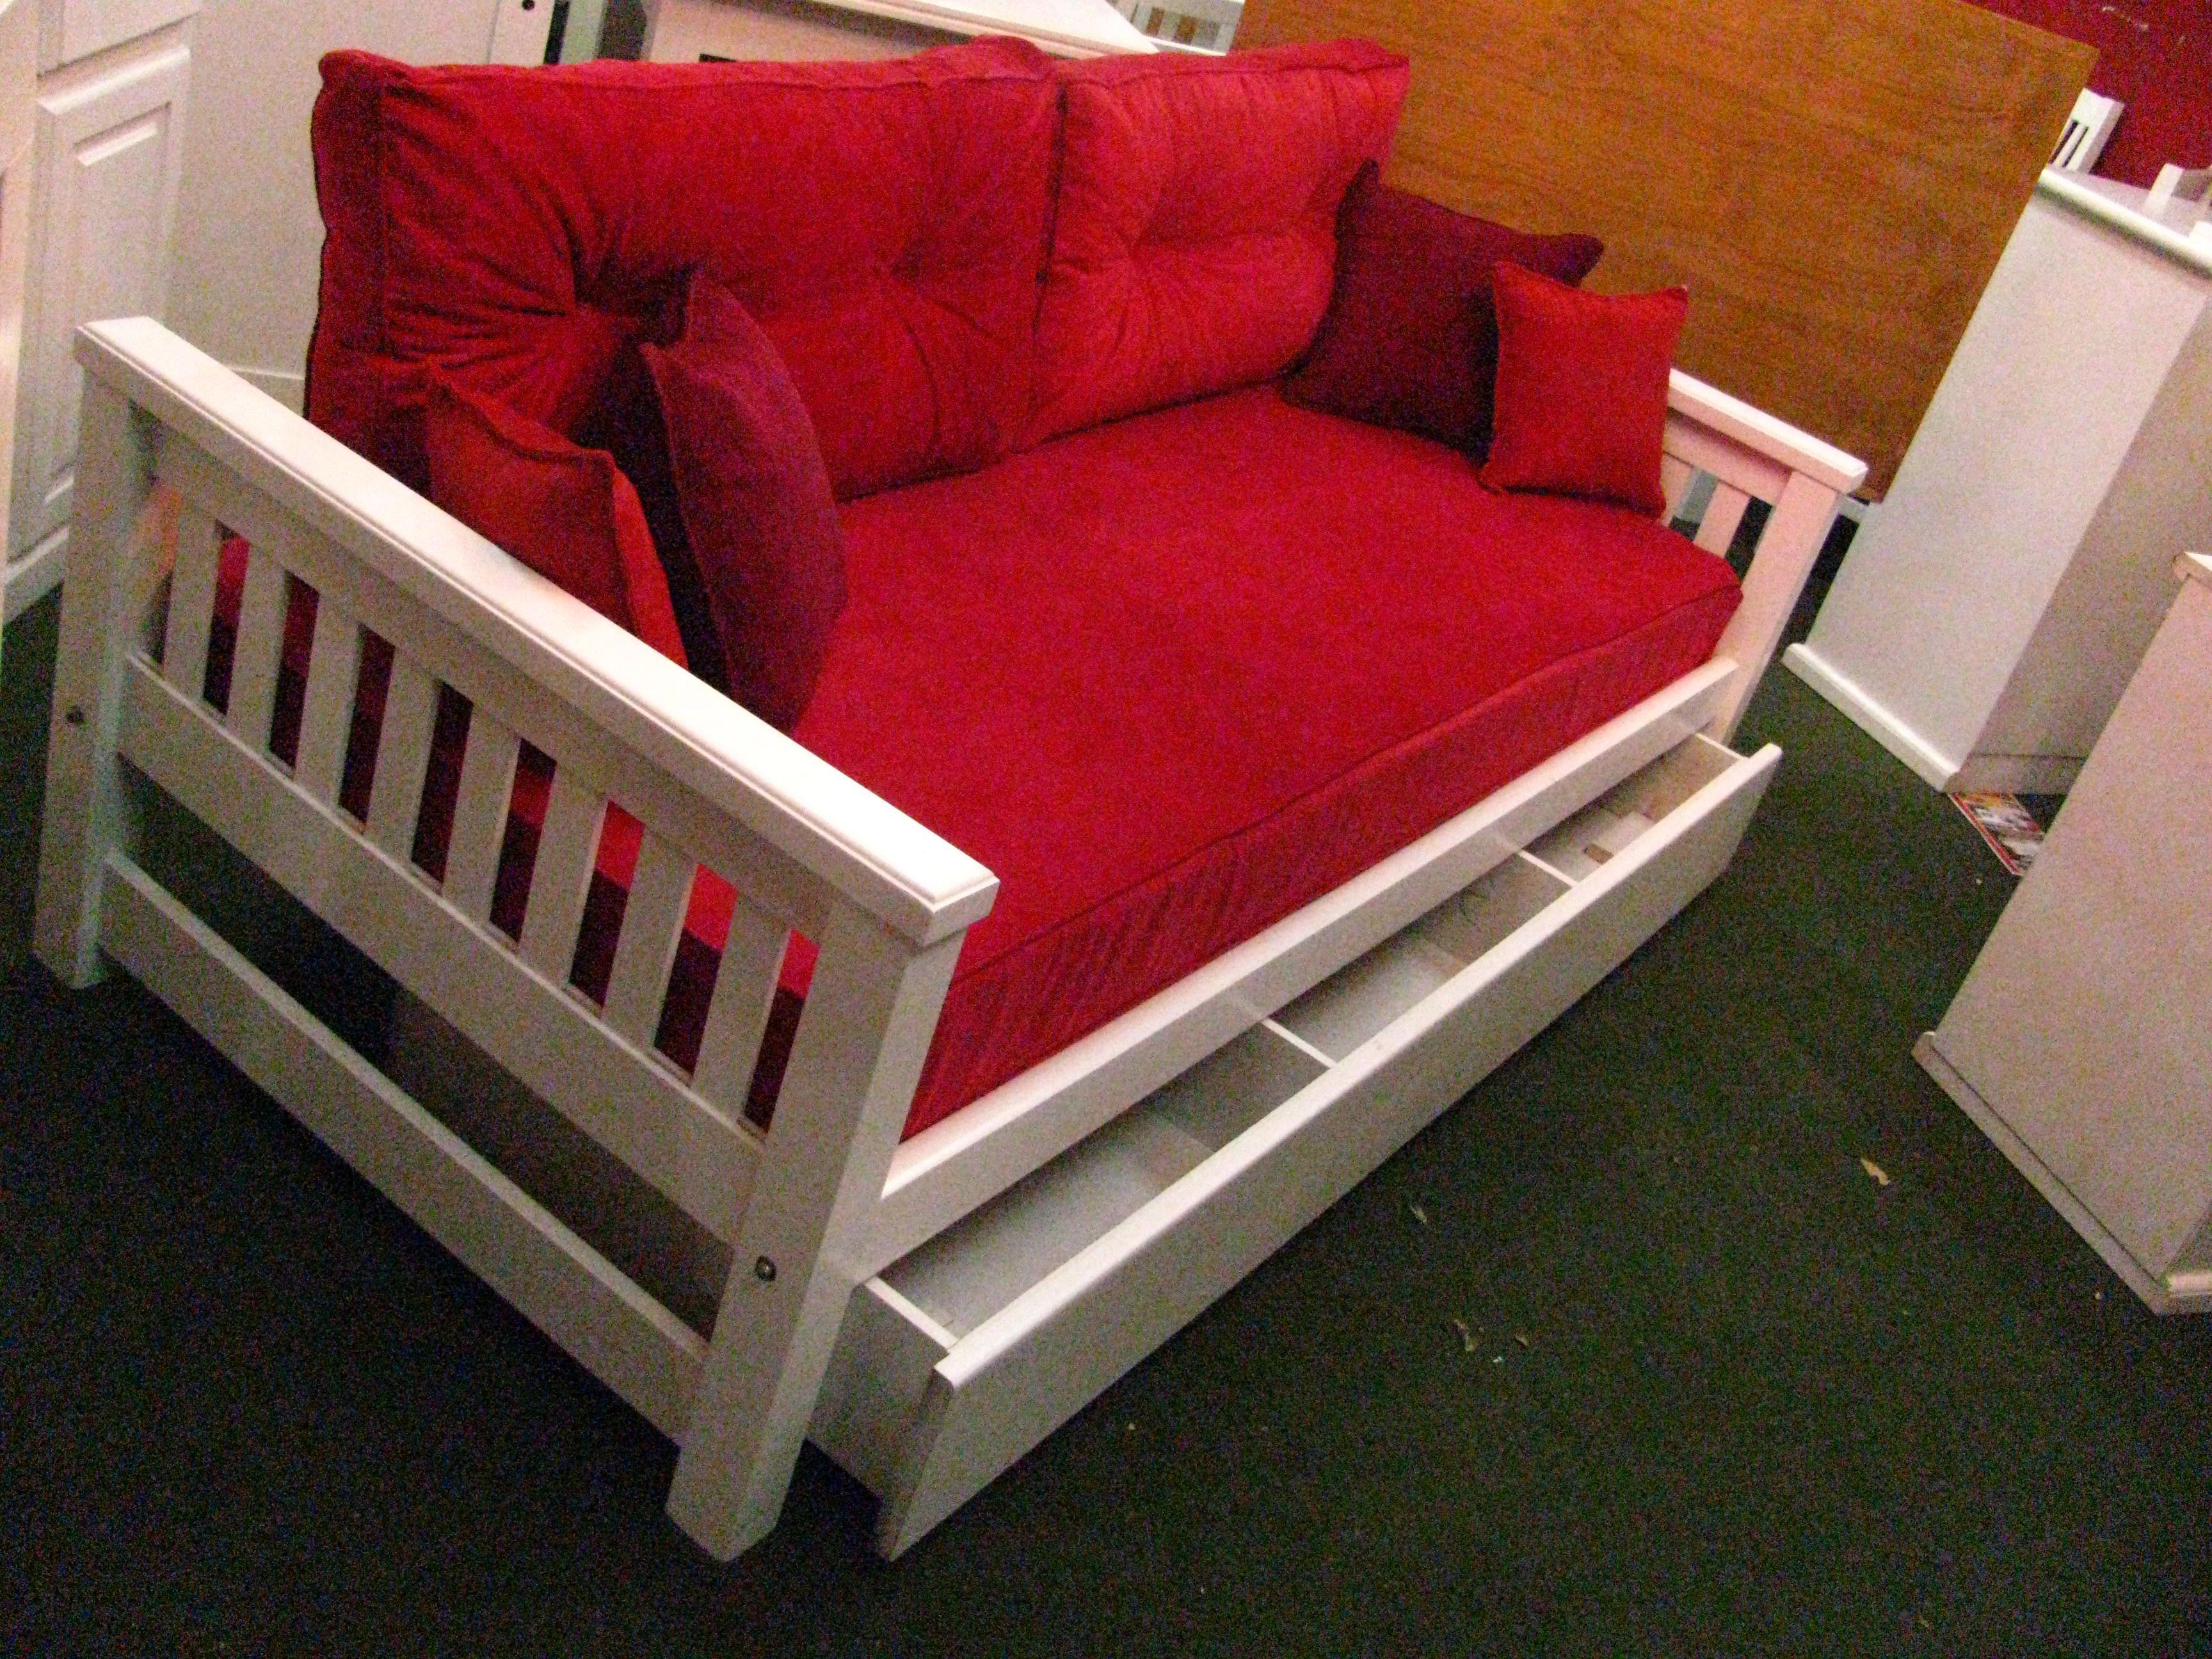 Divanes camas muebles de pino laqueados dise o de muebles - Camas supletorias y divanes ...